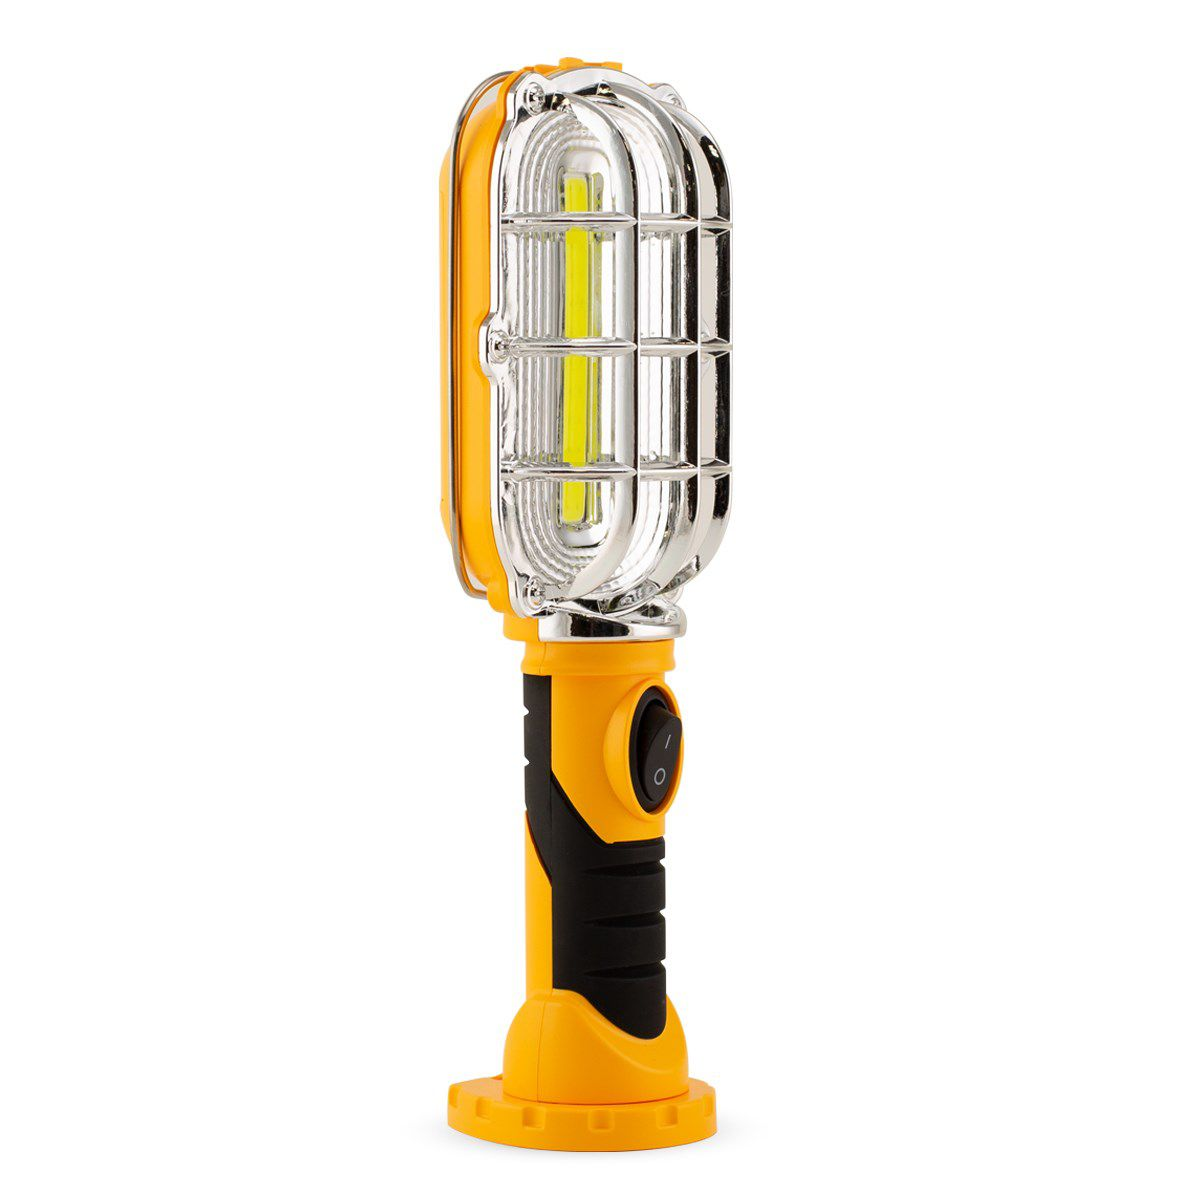 Lanterna Emergencia Carro Mecanico Veicular Luminaria Led Portatil